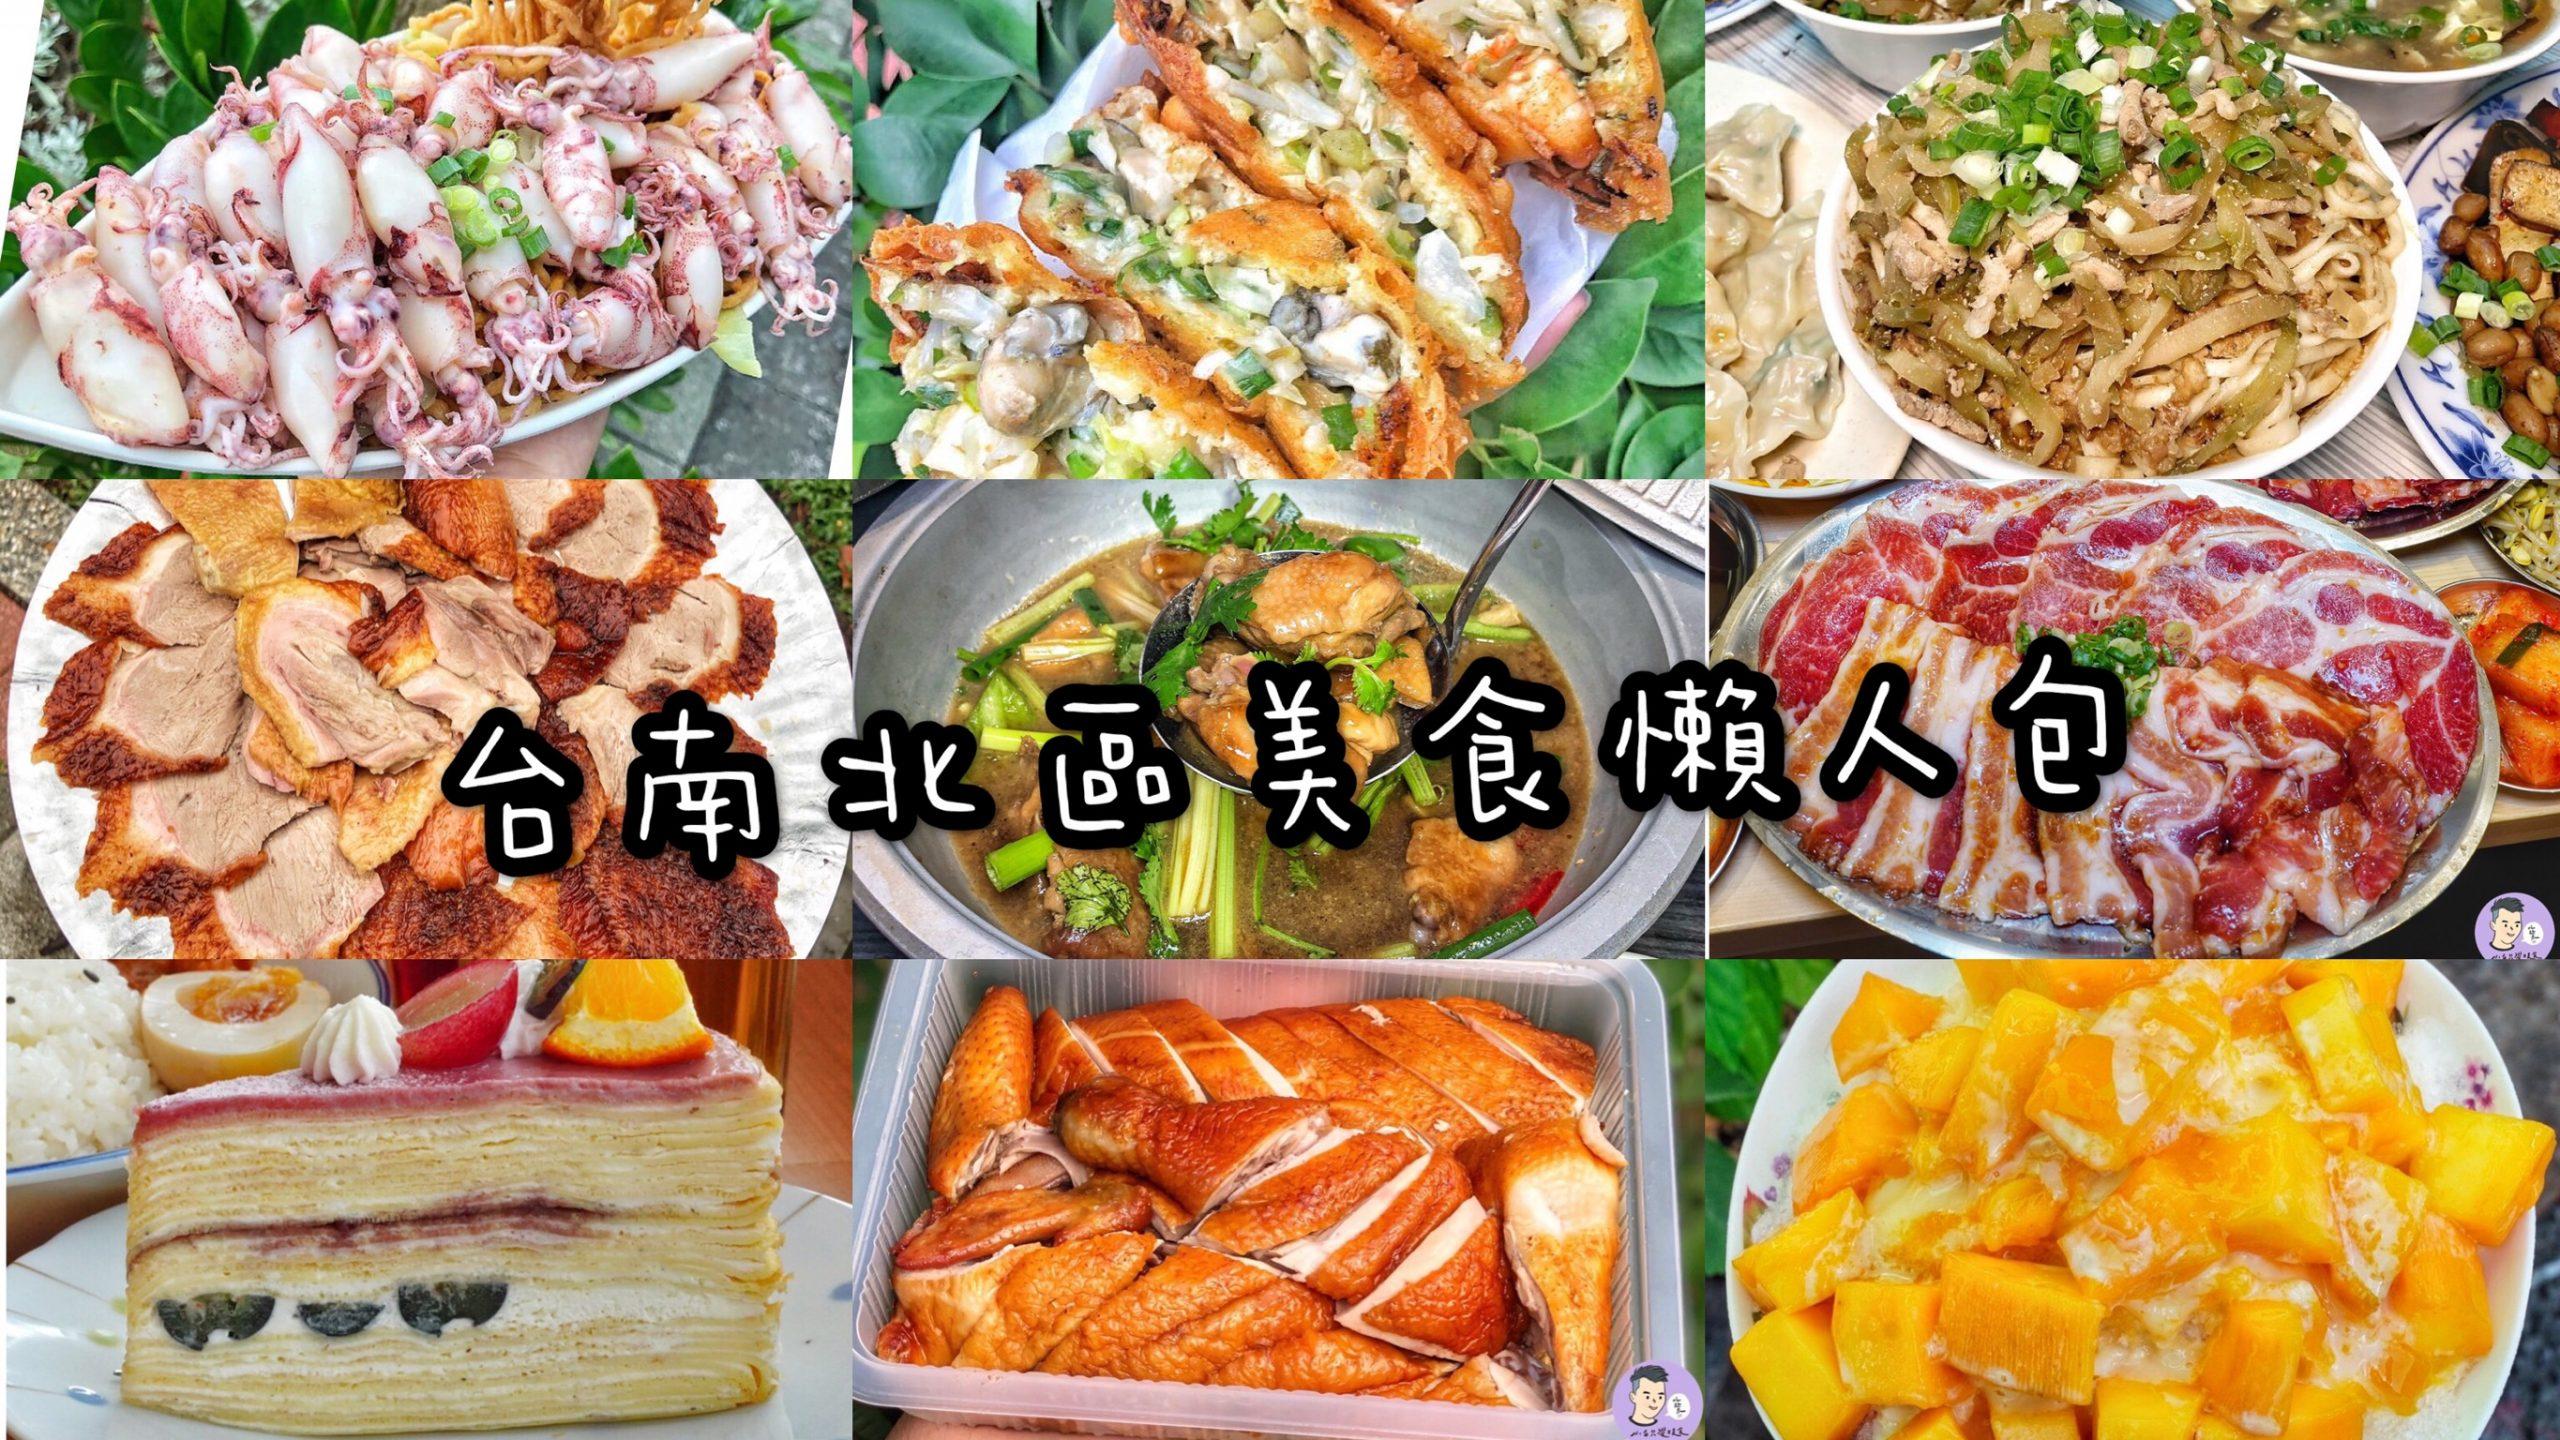 台南北區美食懶人包!浮誇小卷意麵/芒果冰45元?